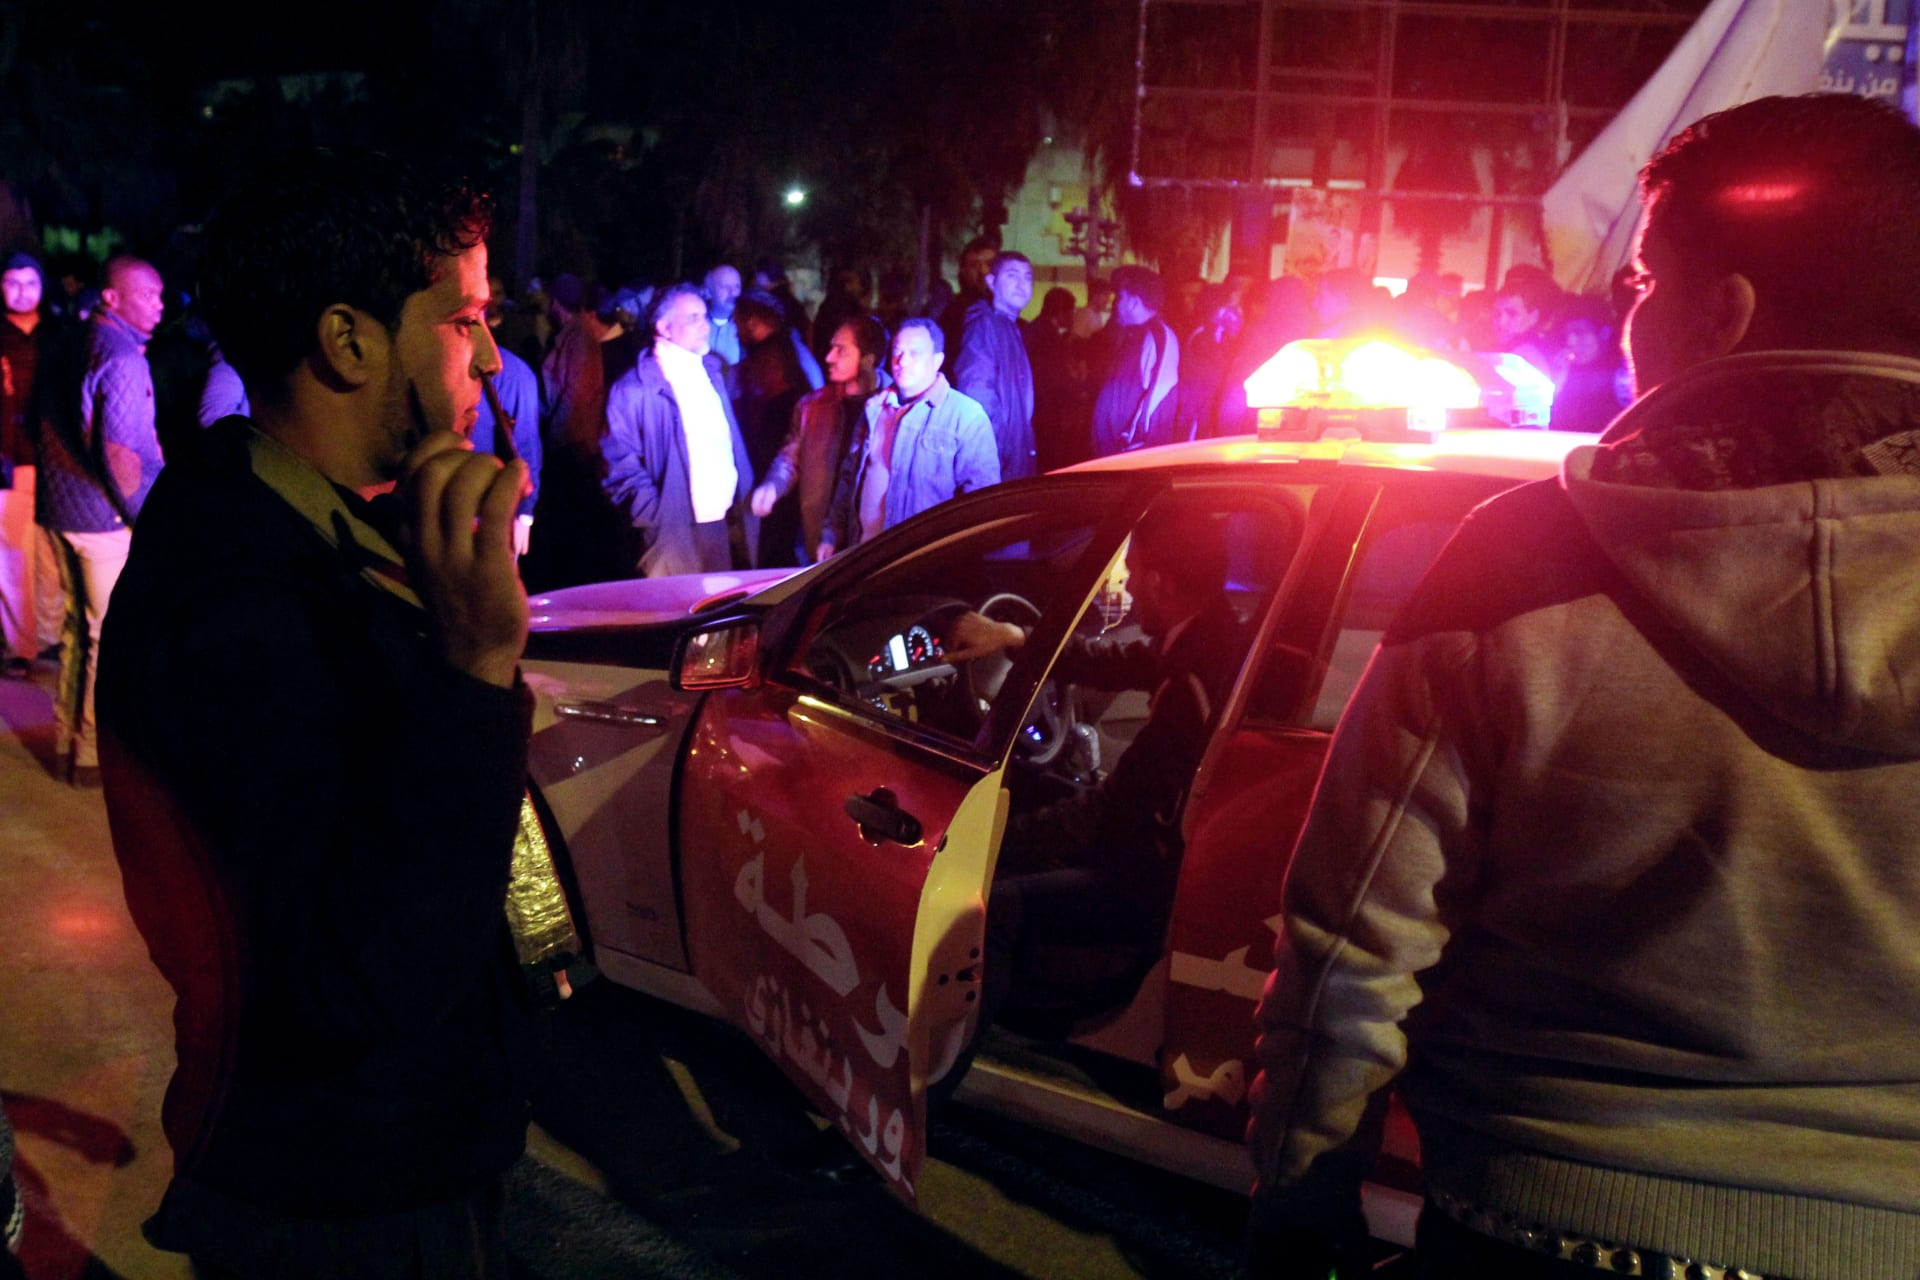 ليبيا: 50 قتيلا في انفجار شاحنة مفخخة استهدف مركز تدريب شرطة في زليتن